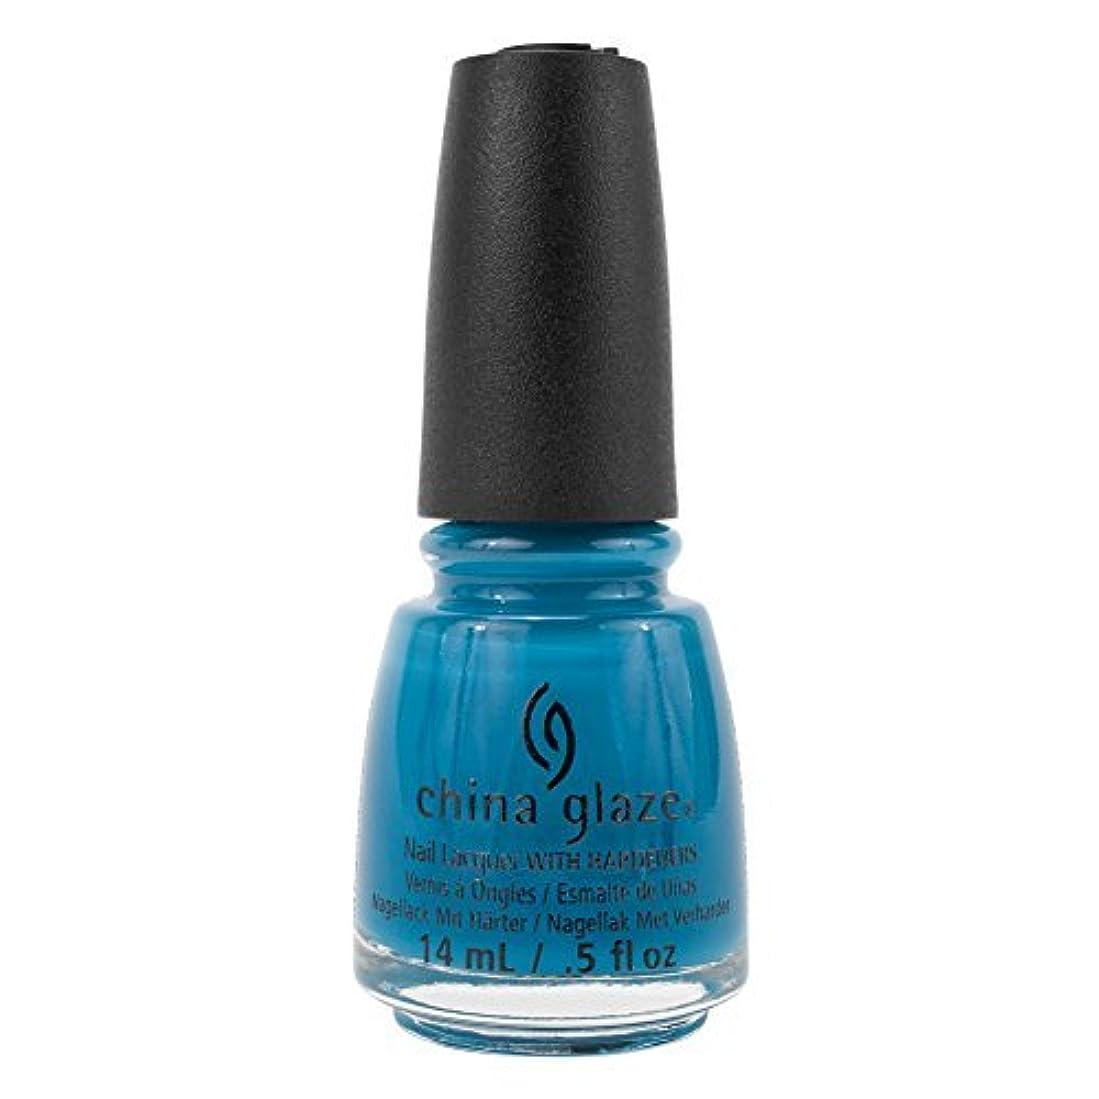 凝縮するジャズ招待China Glaze Nail Polish-License & Registration Pls 82381 by China Glaze [並行輸入品]